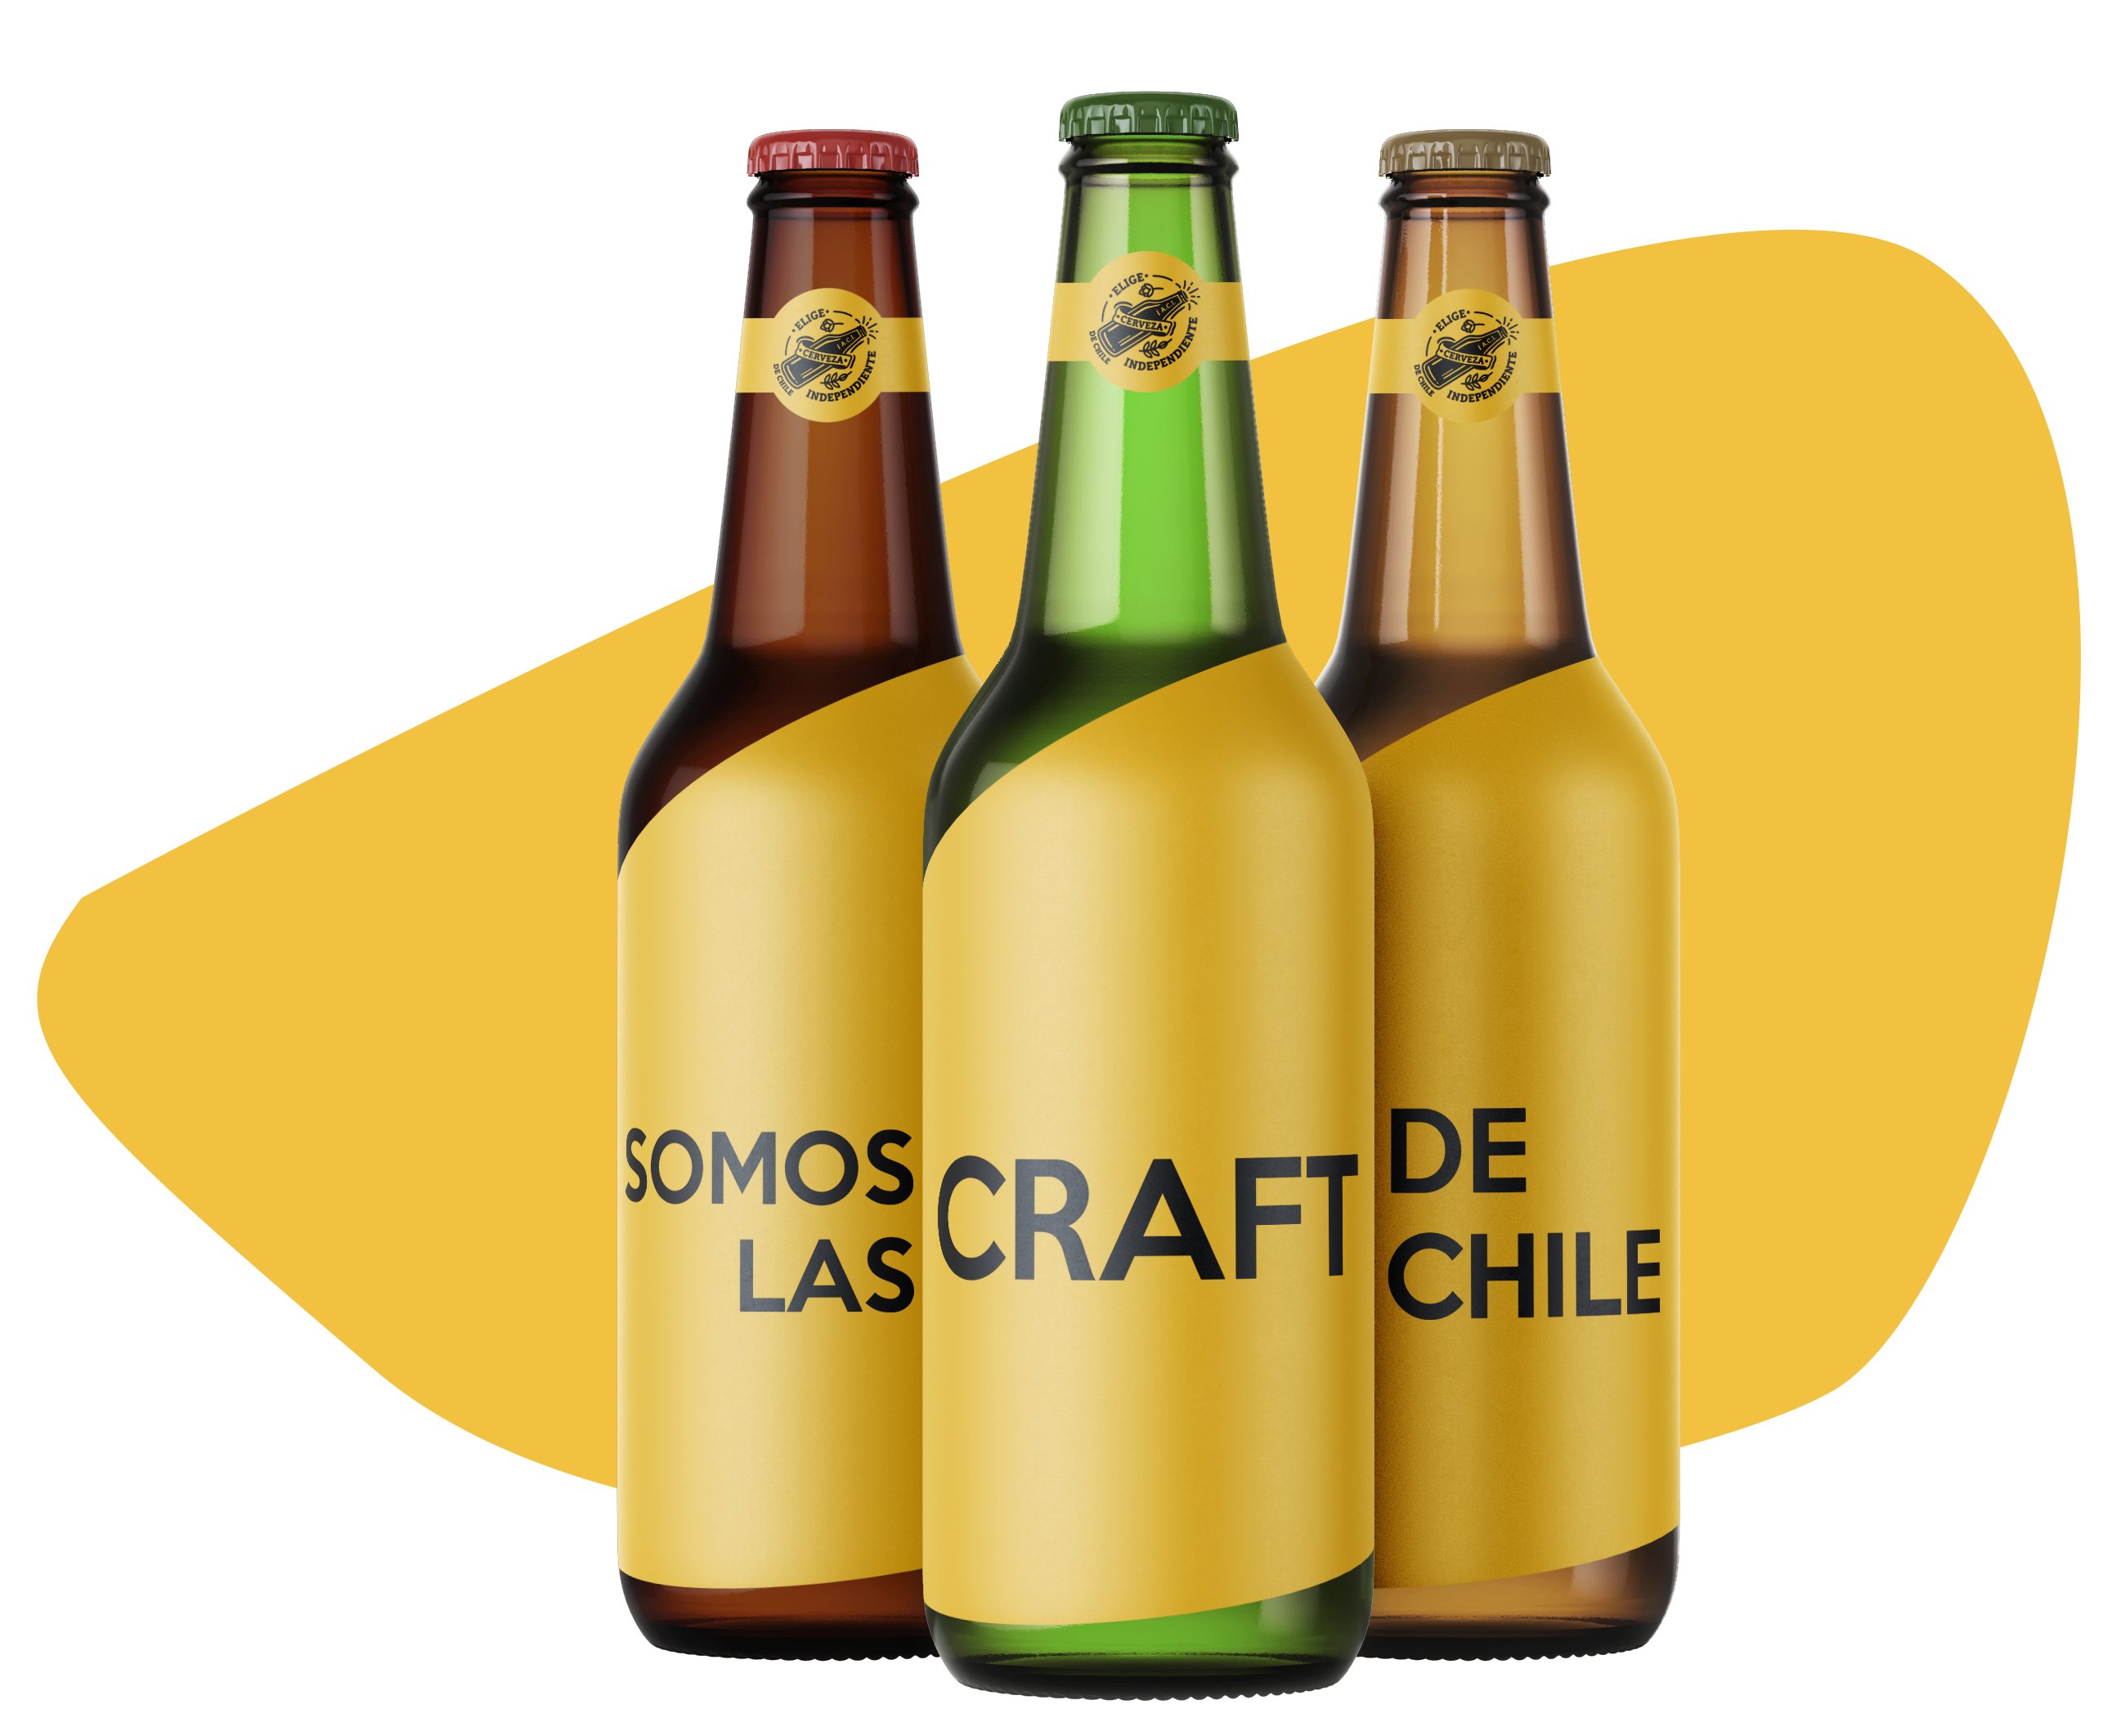 cerveza craft chile aci independiente